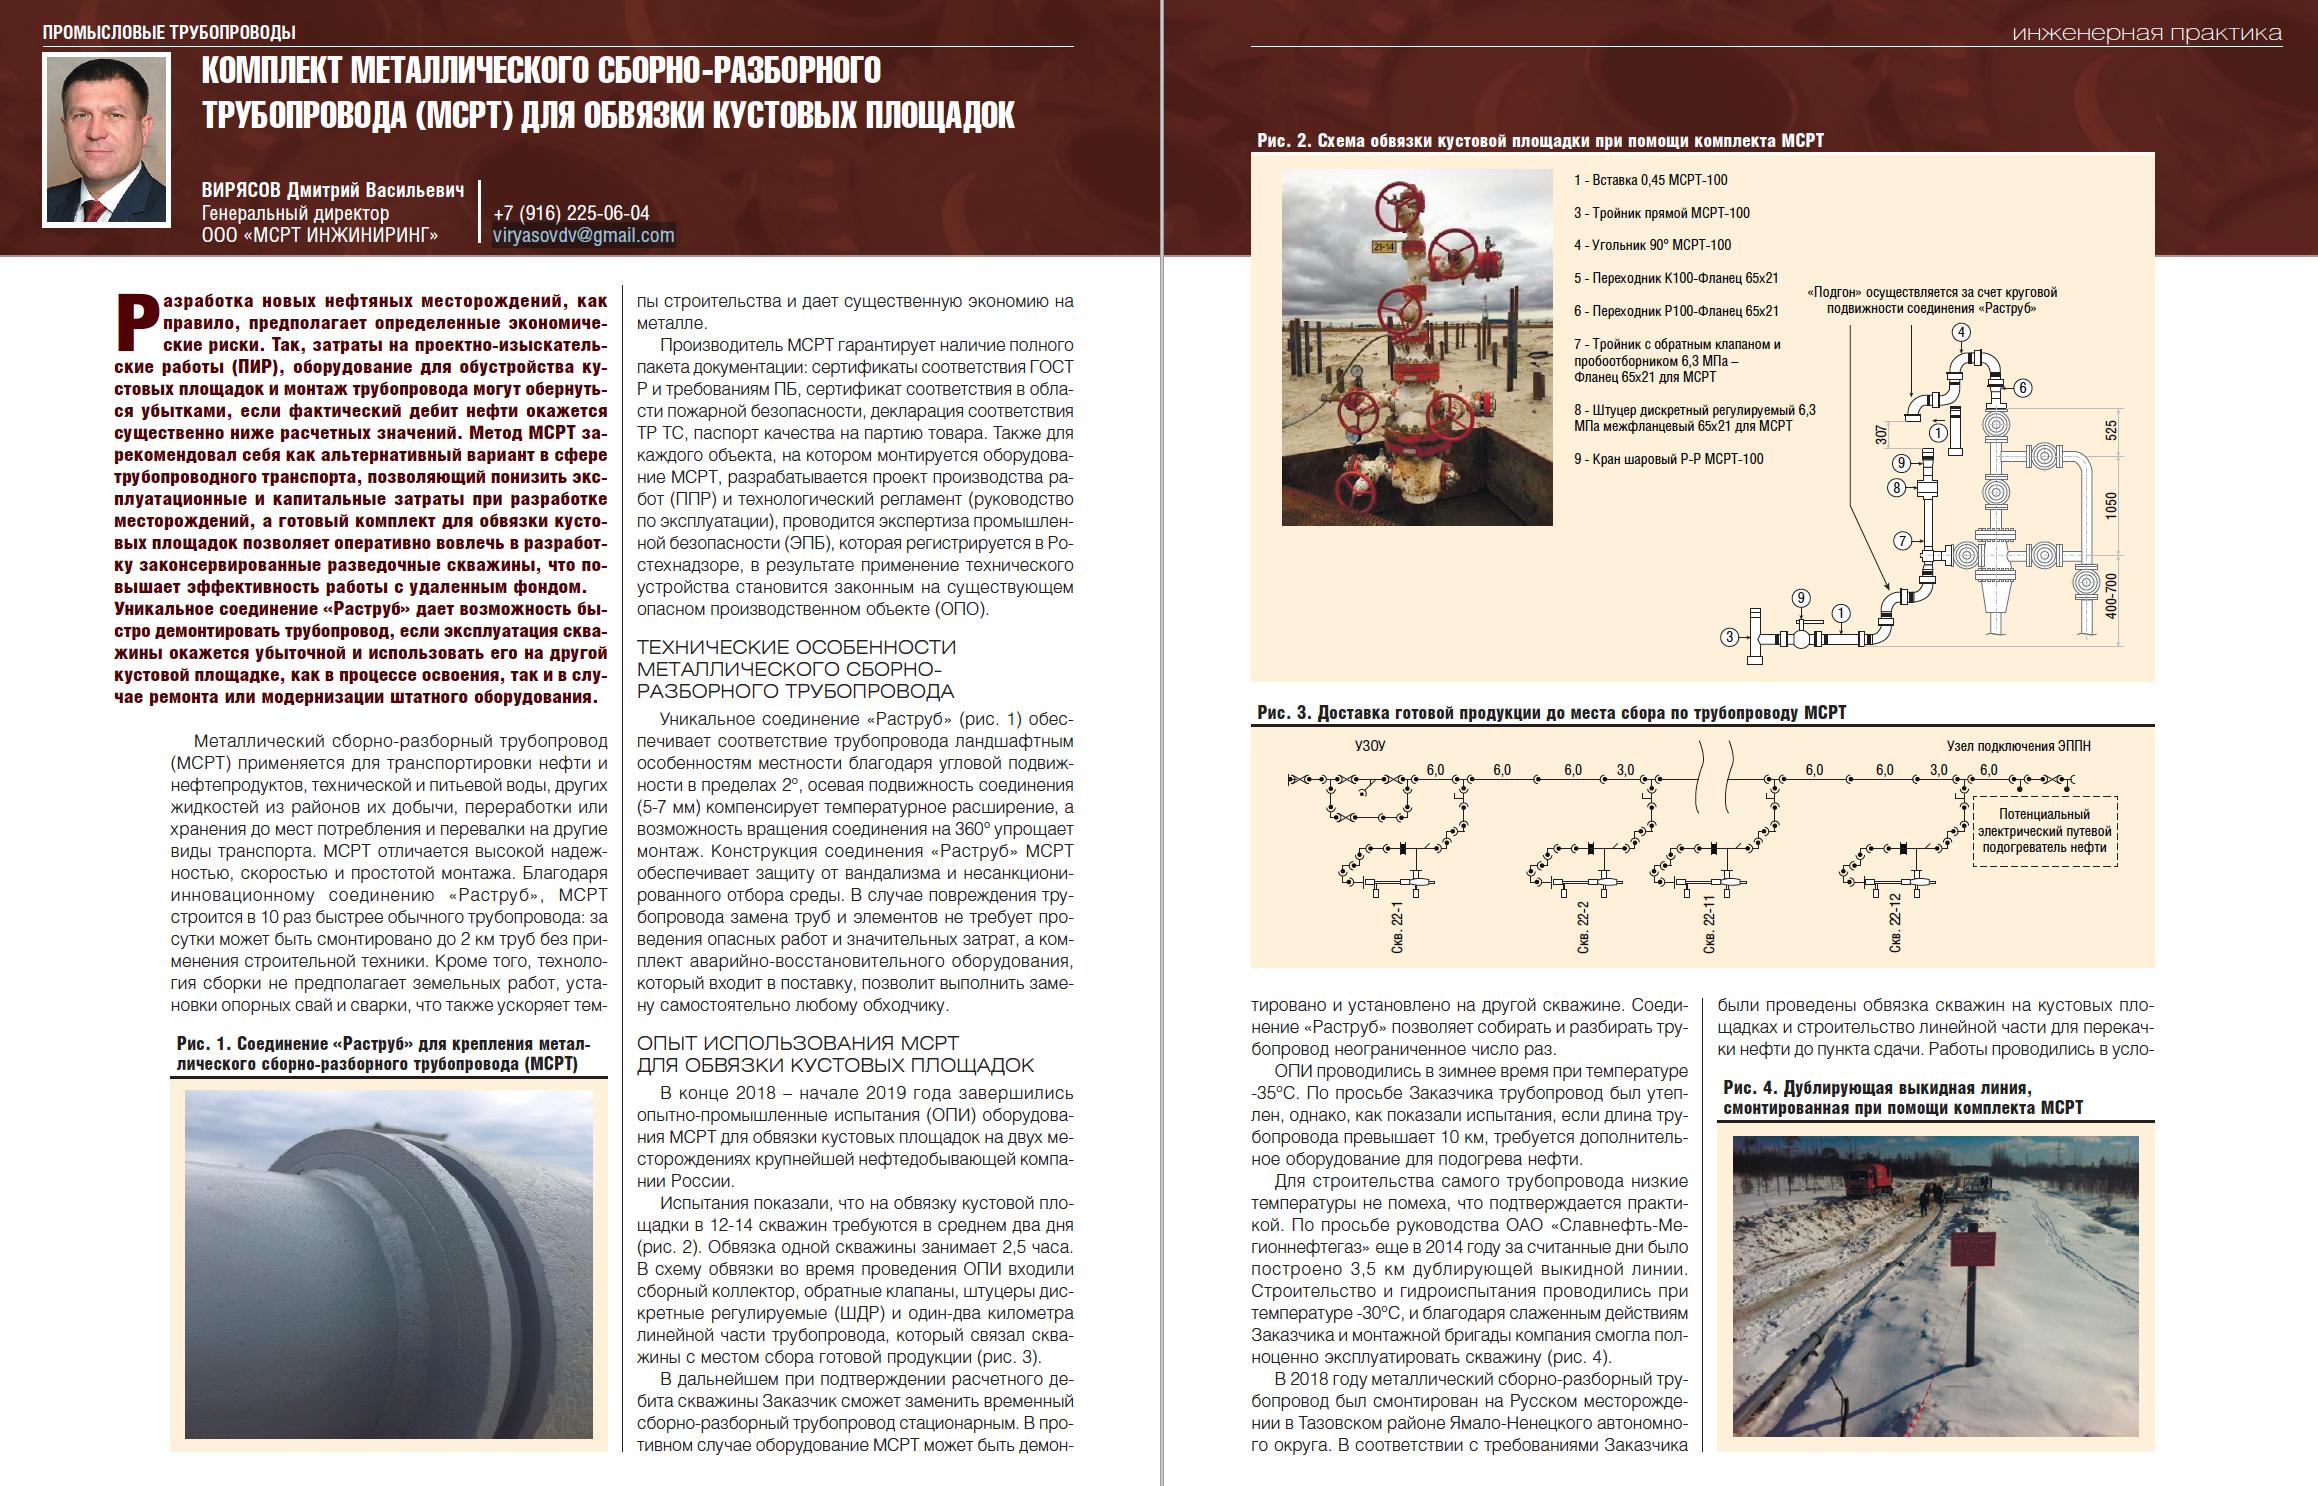 30007 Комплект металлического сборно-разборного трубопровода (МСРТ) для обвязки кустовых площадок